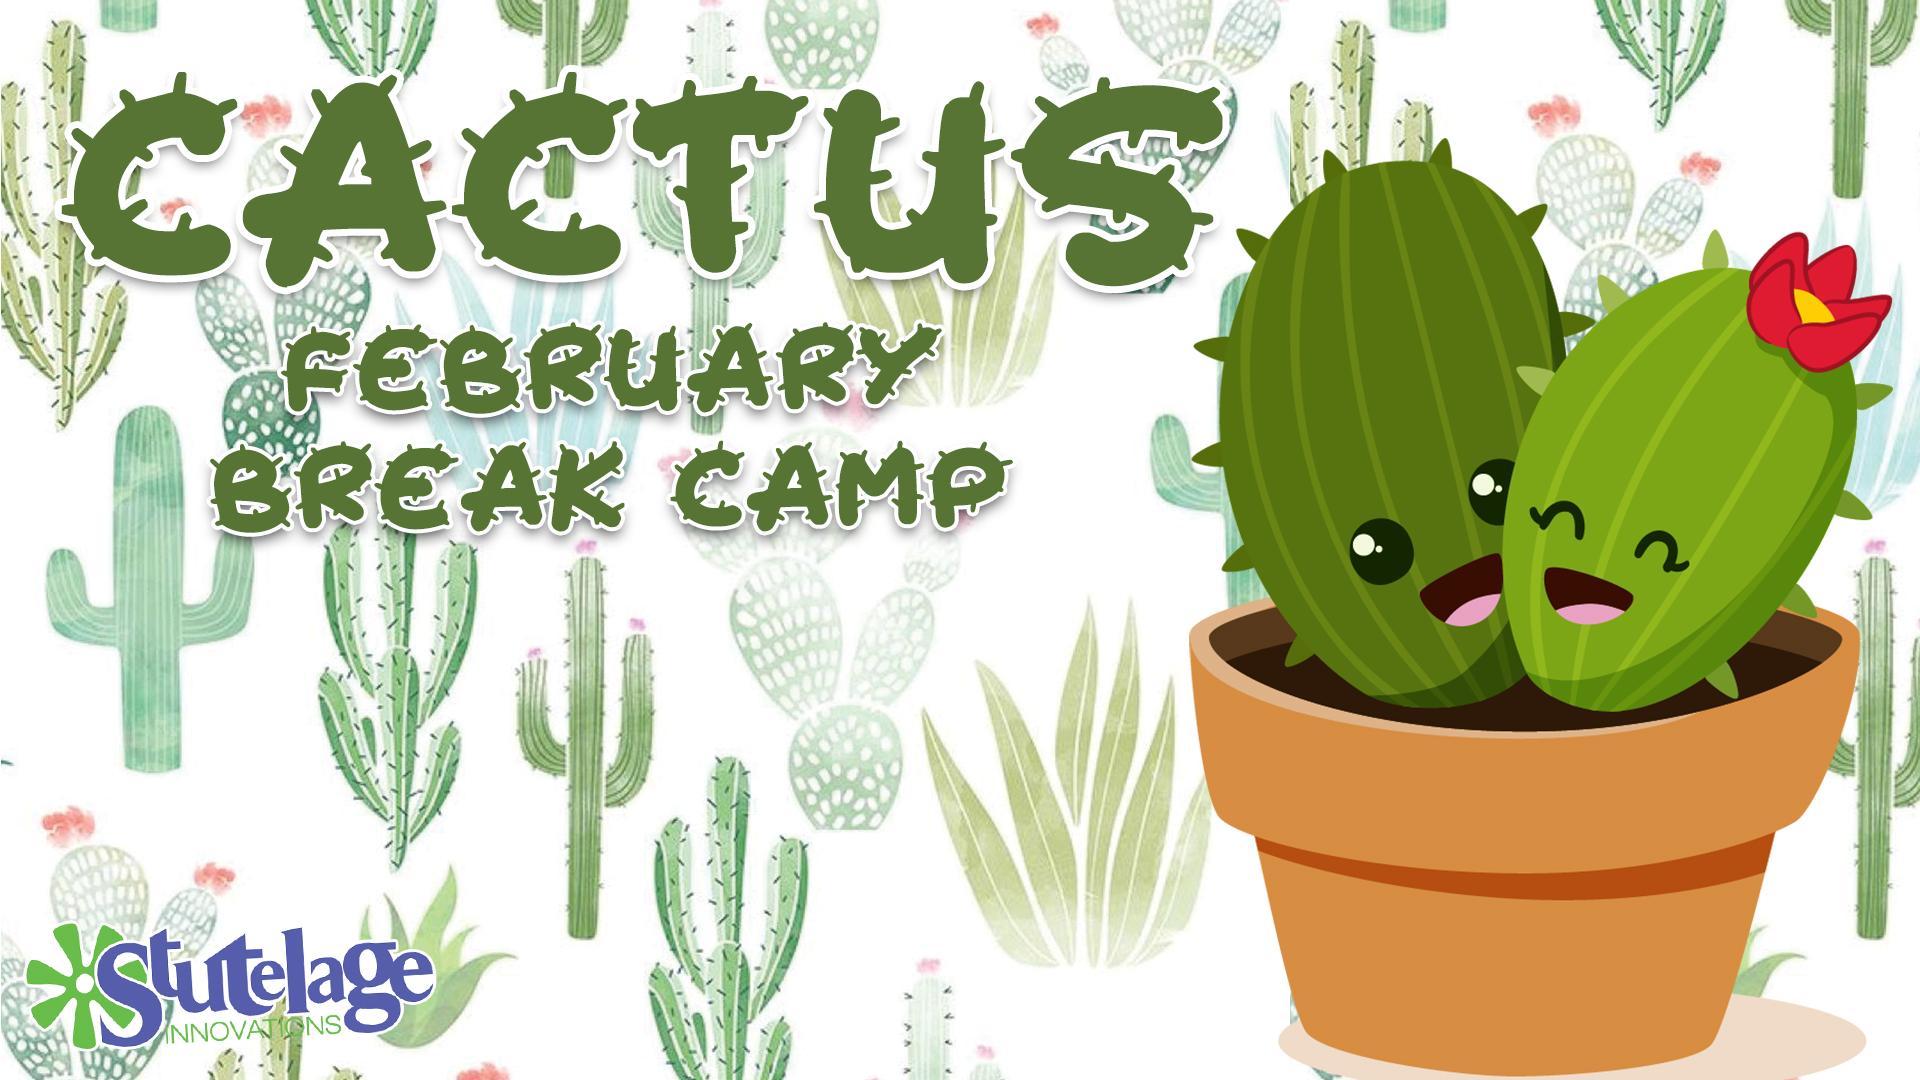 Cactus Buffalo NY School Year Camps